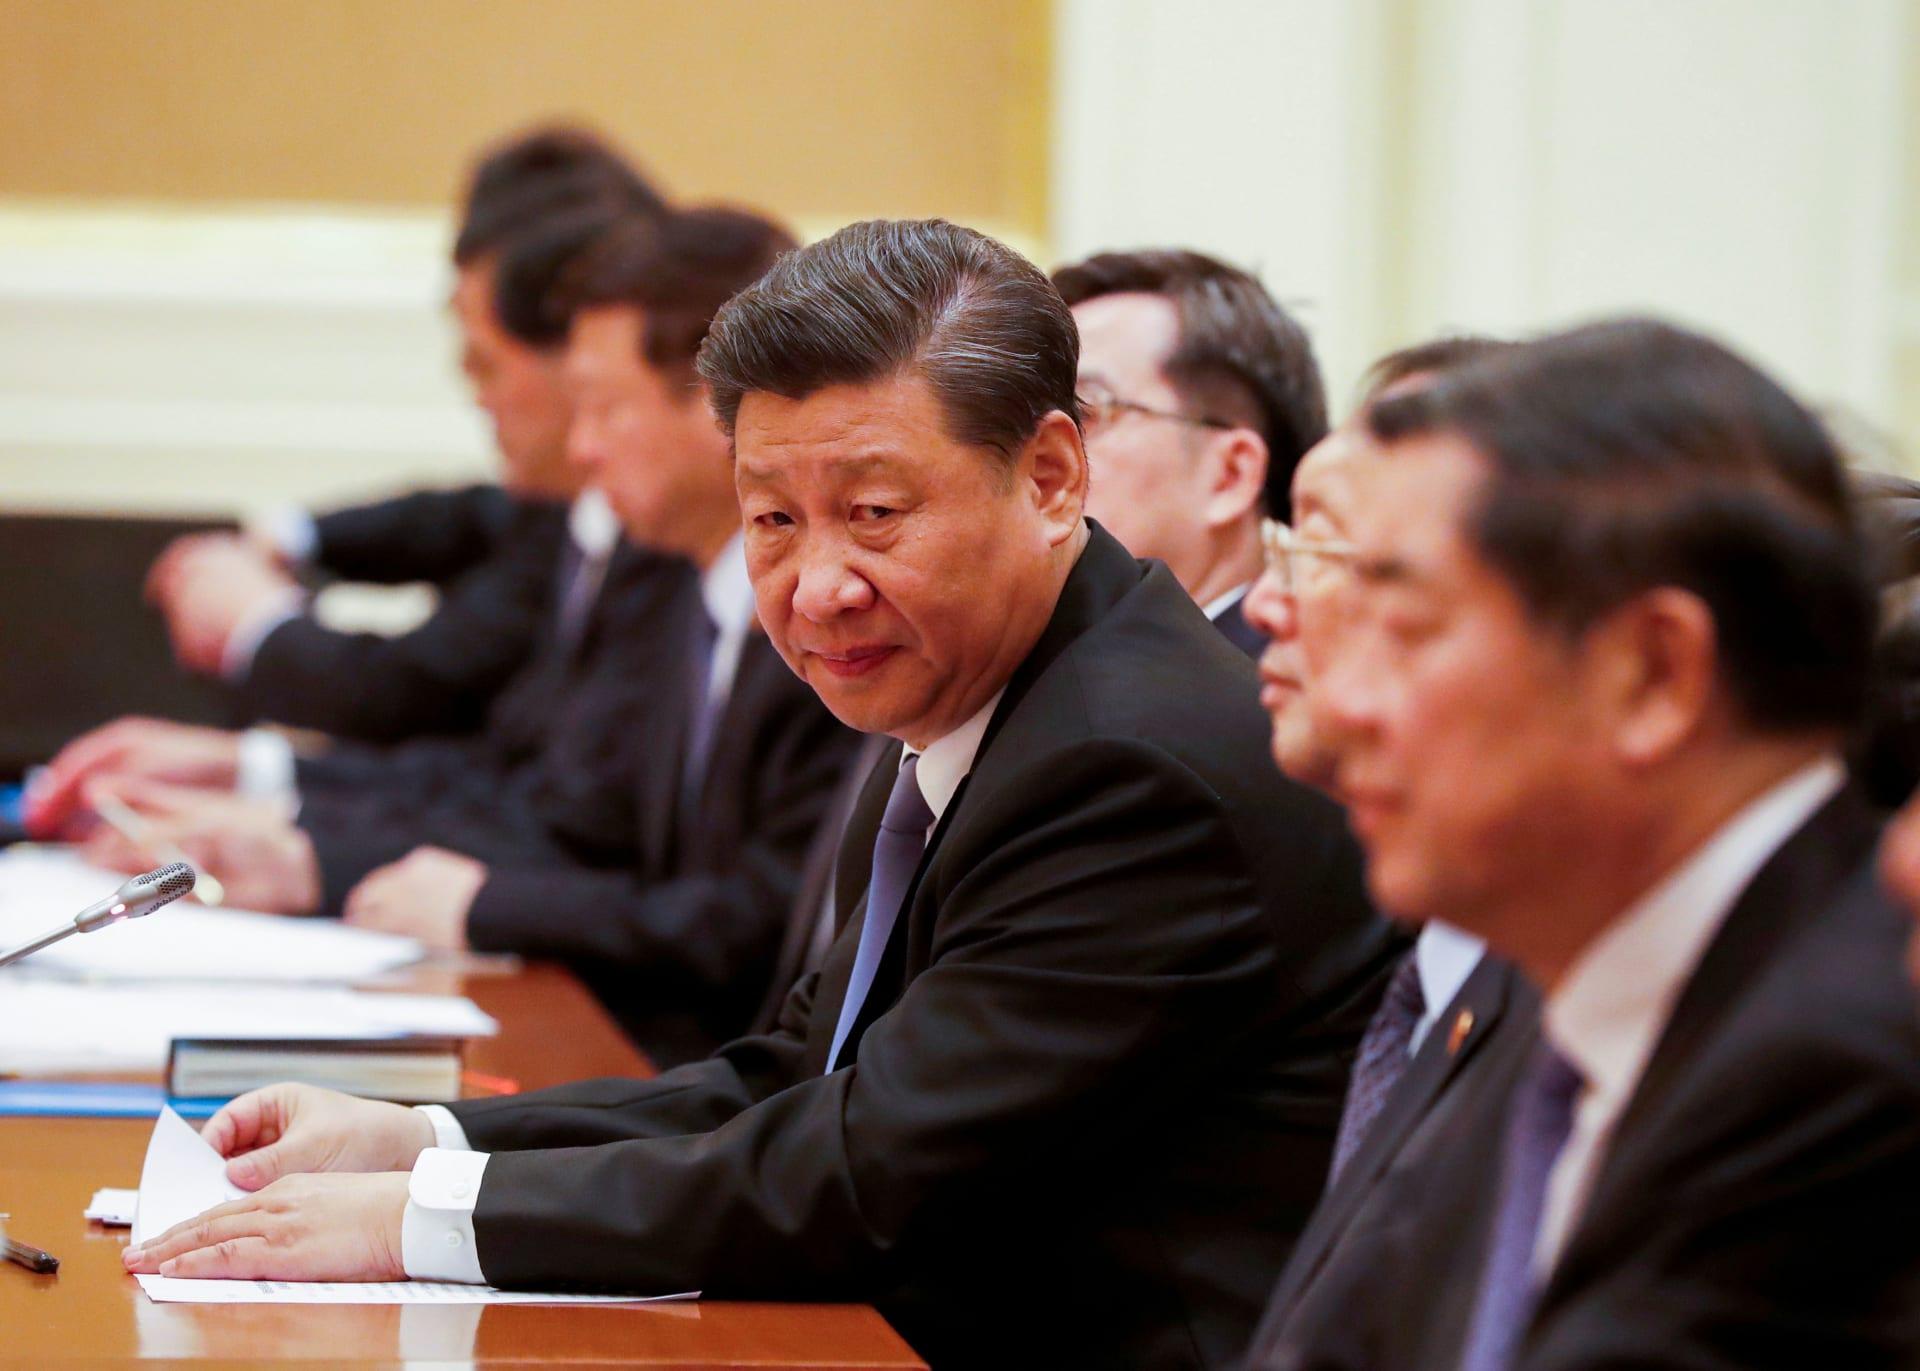 """الرئيس الصيني يعقد اجتماعا مع مسؤولين رفيعي المستوى بشان """"كورونا"""".. فبماذا طالب الحكومة؟"""